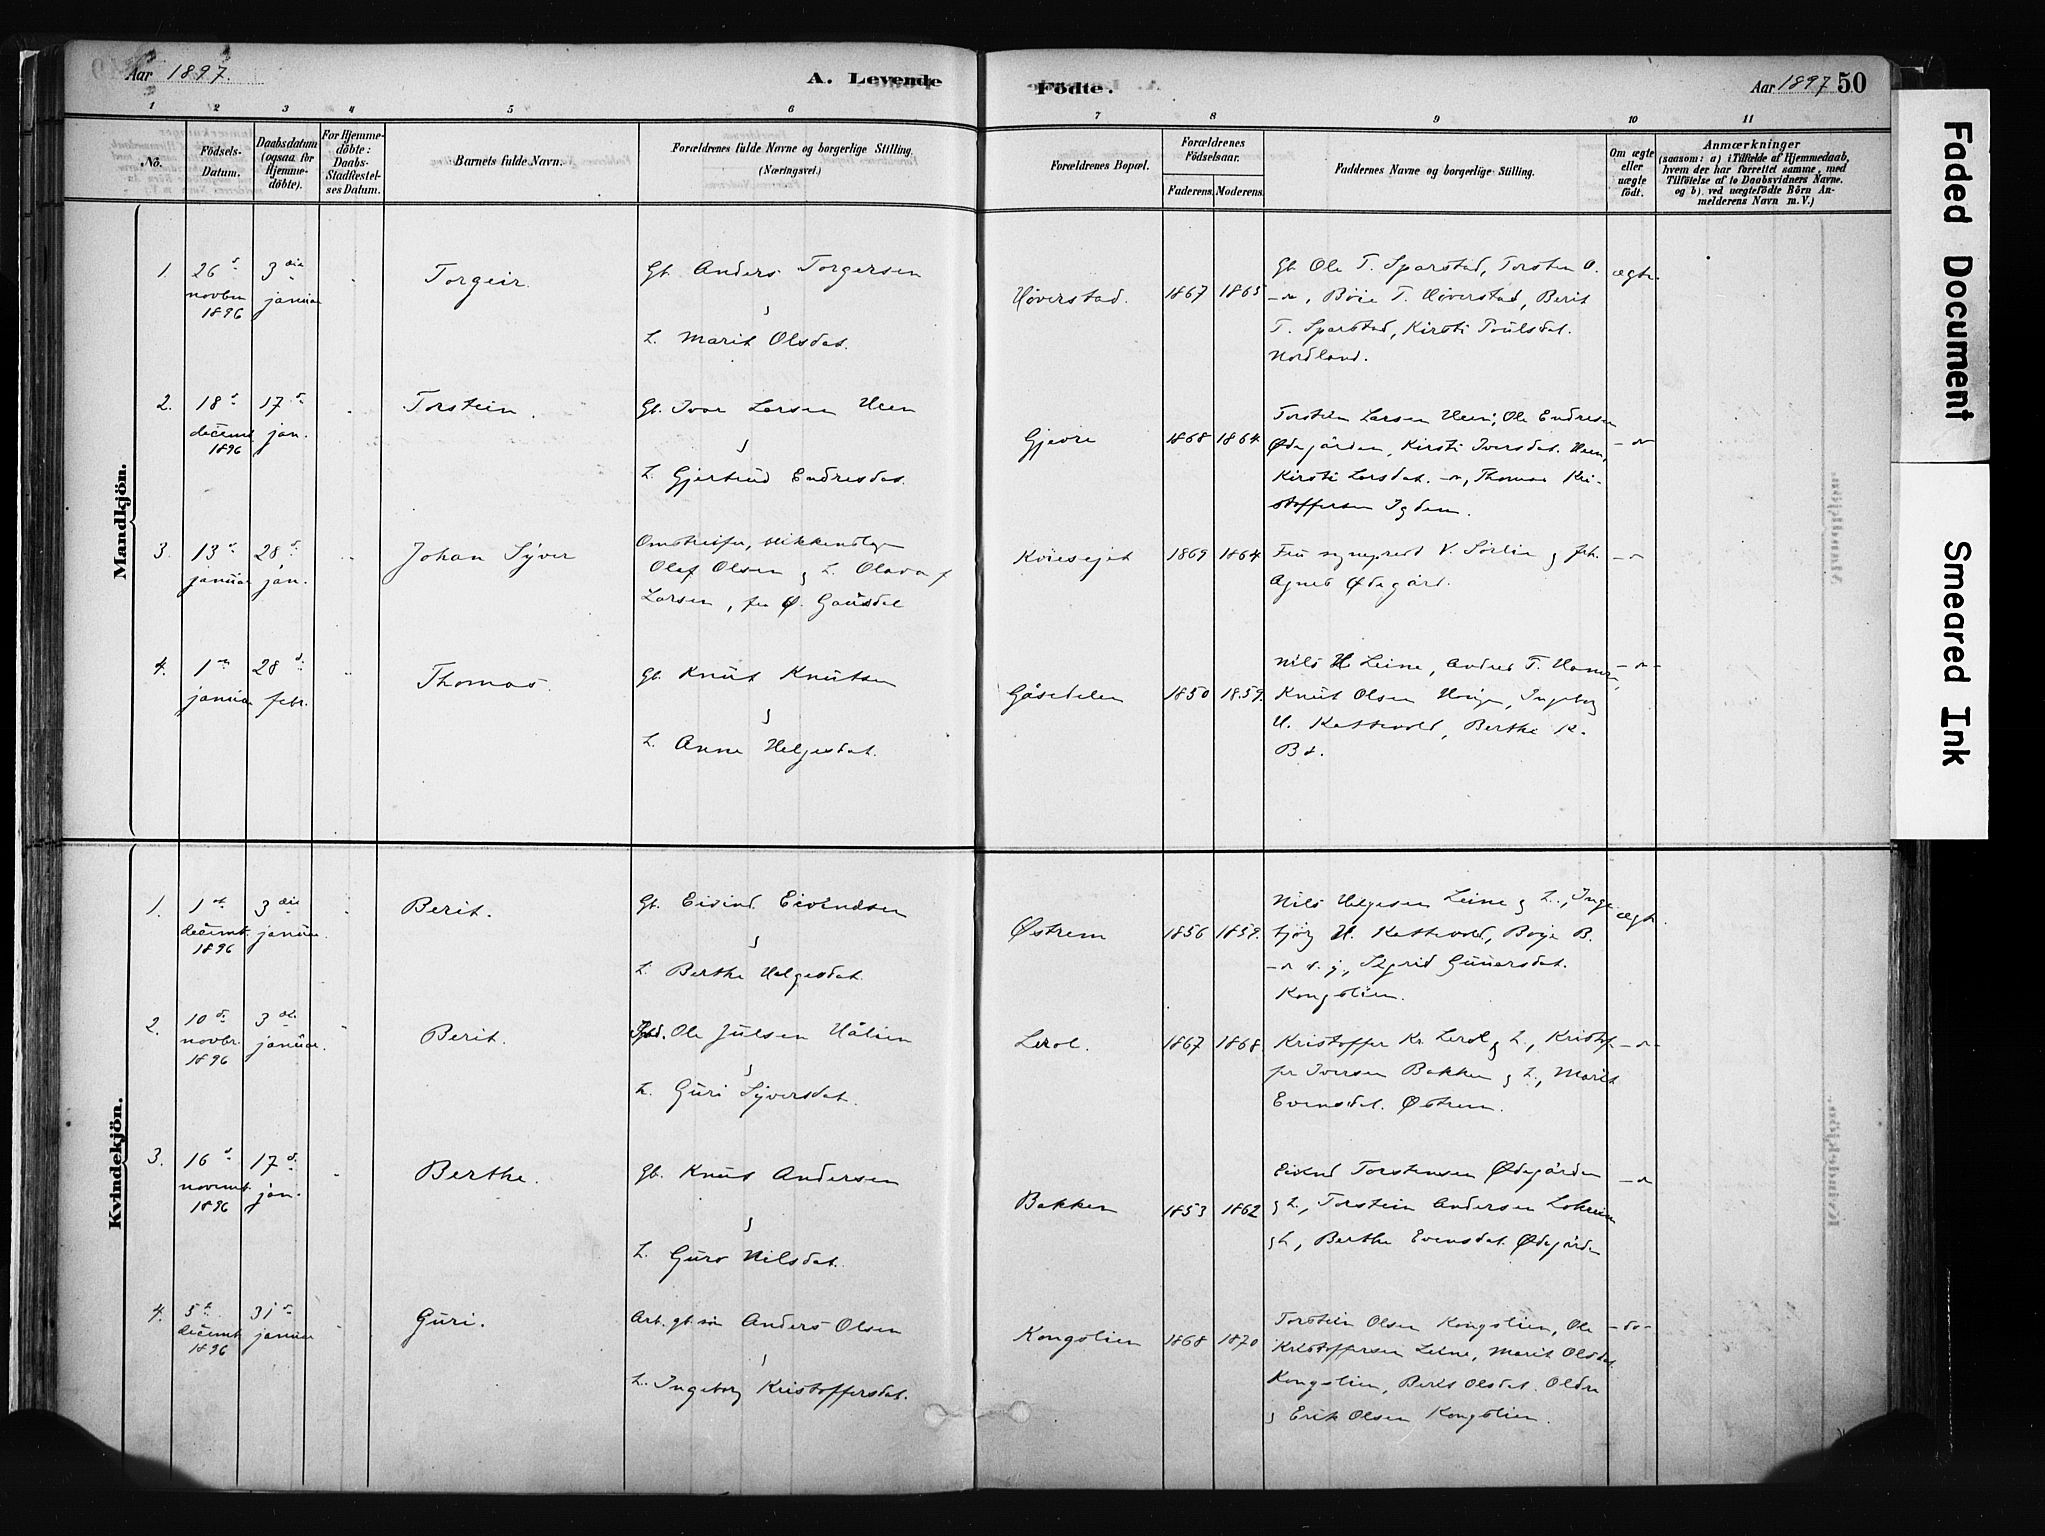 SAH, Vang prestekontor, Valdres, Ministerialbok nr. 8, 1882-1910, s. 50